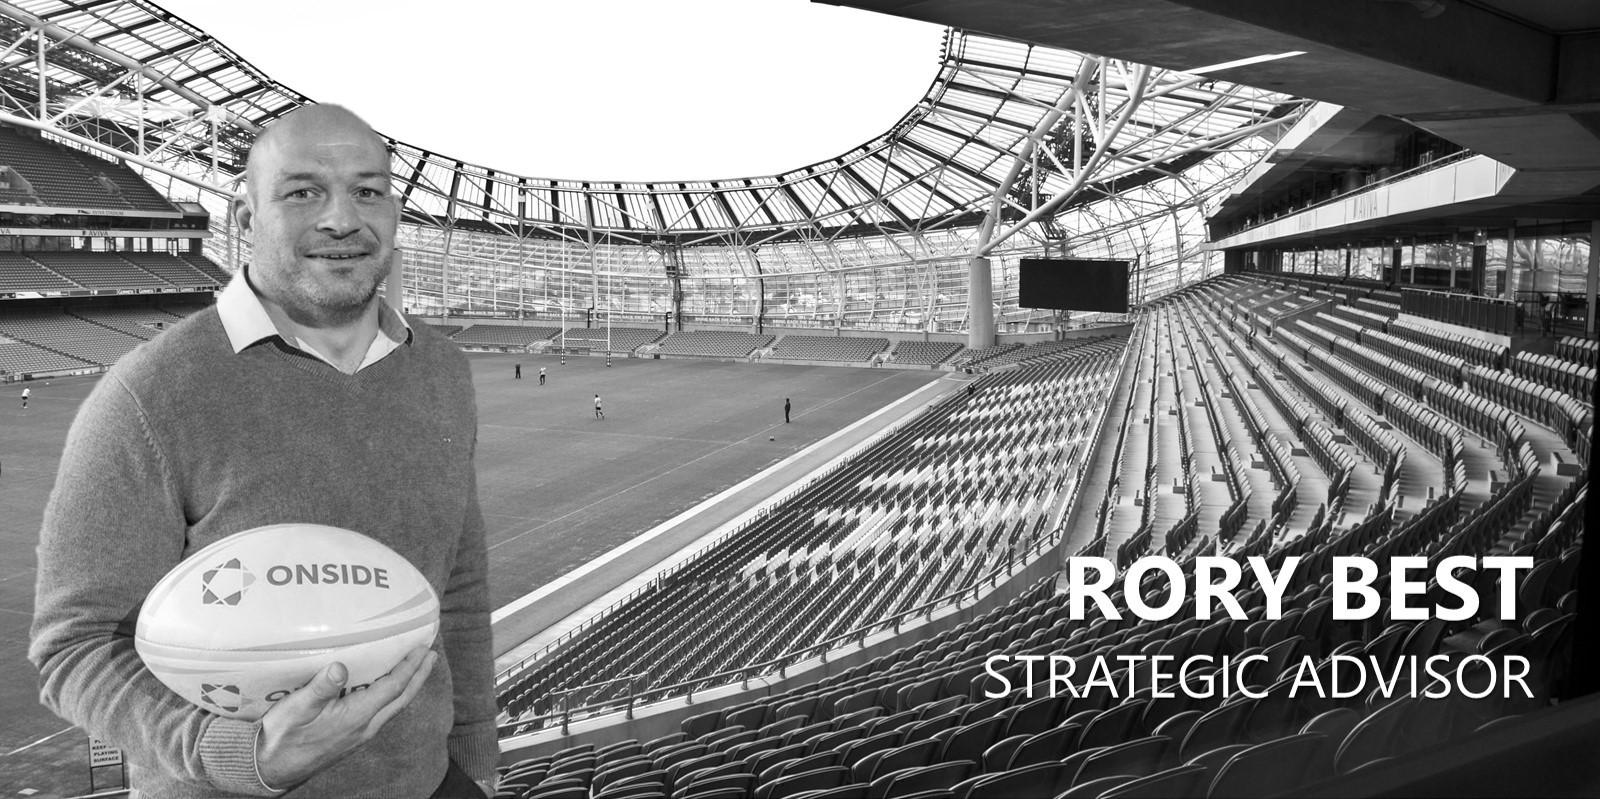 Rory Best Onside.jpg